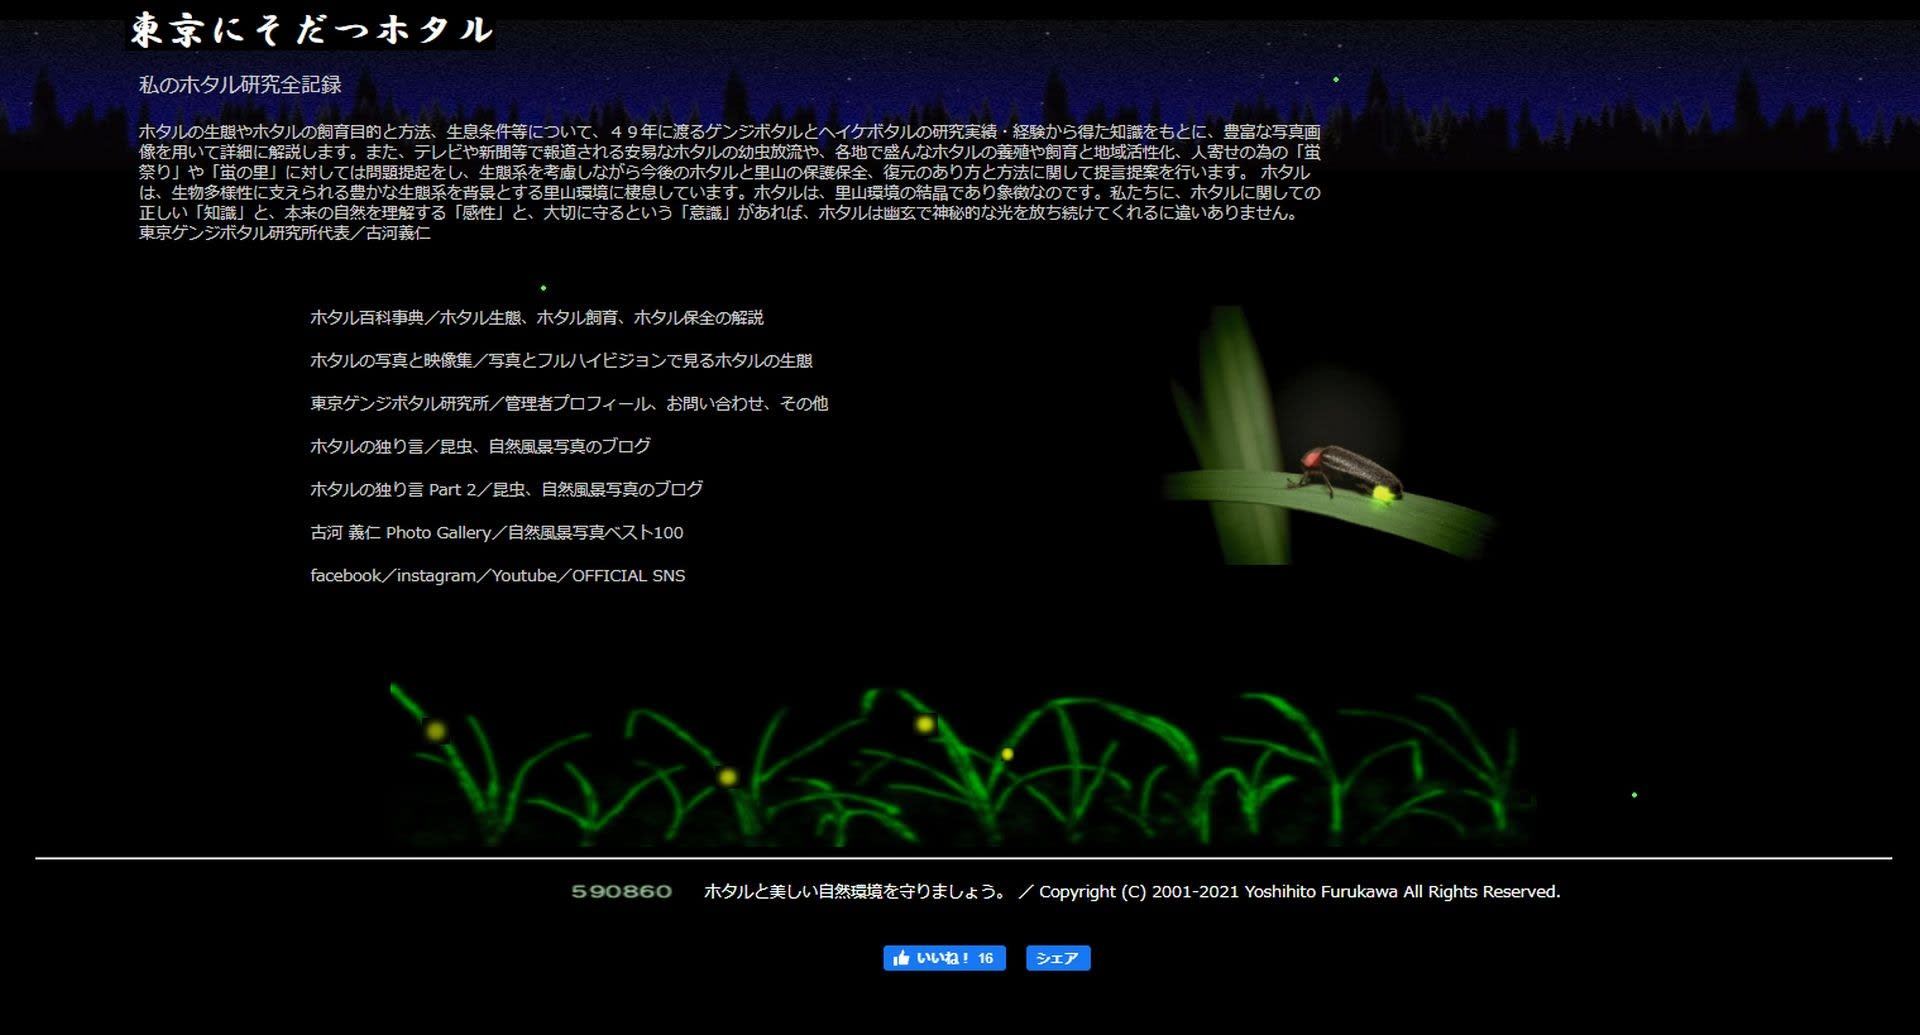 ホームページ東京にそだつホタルの写真